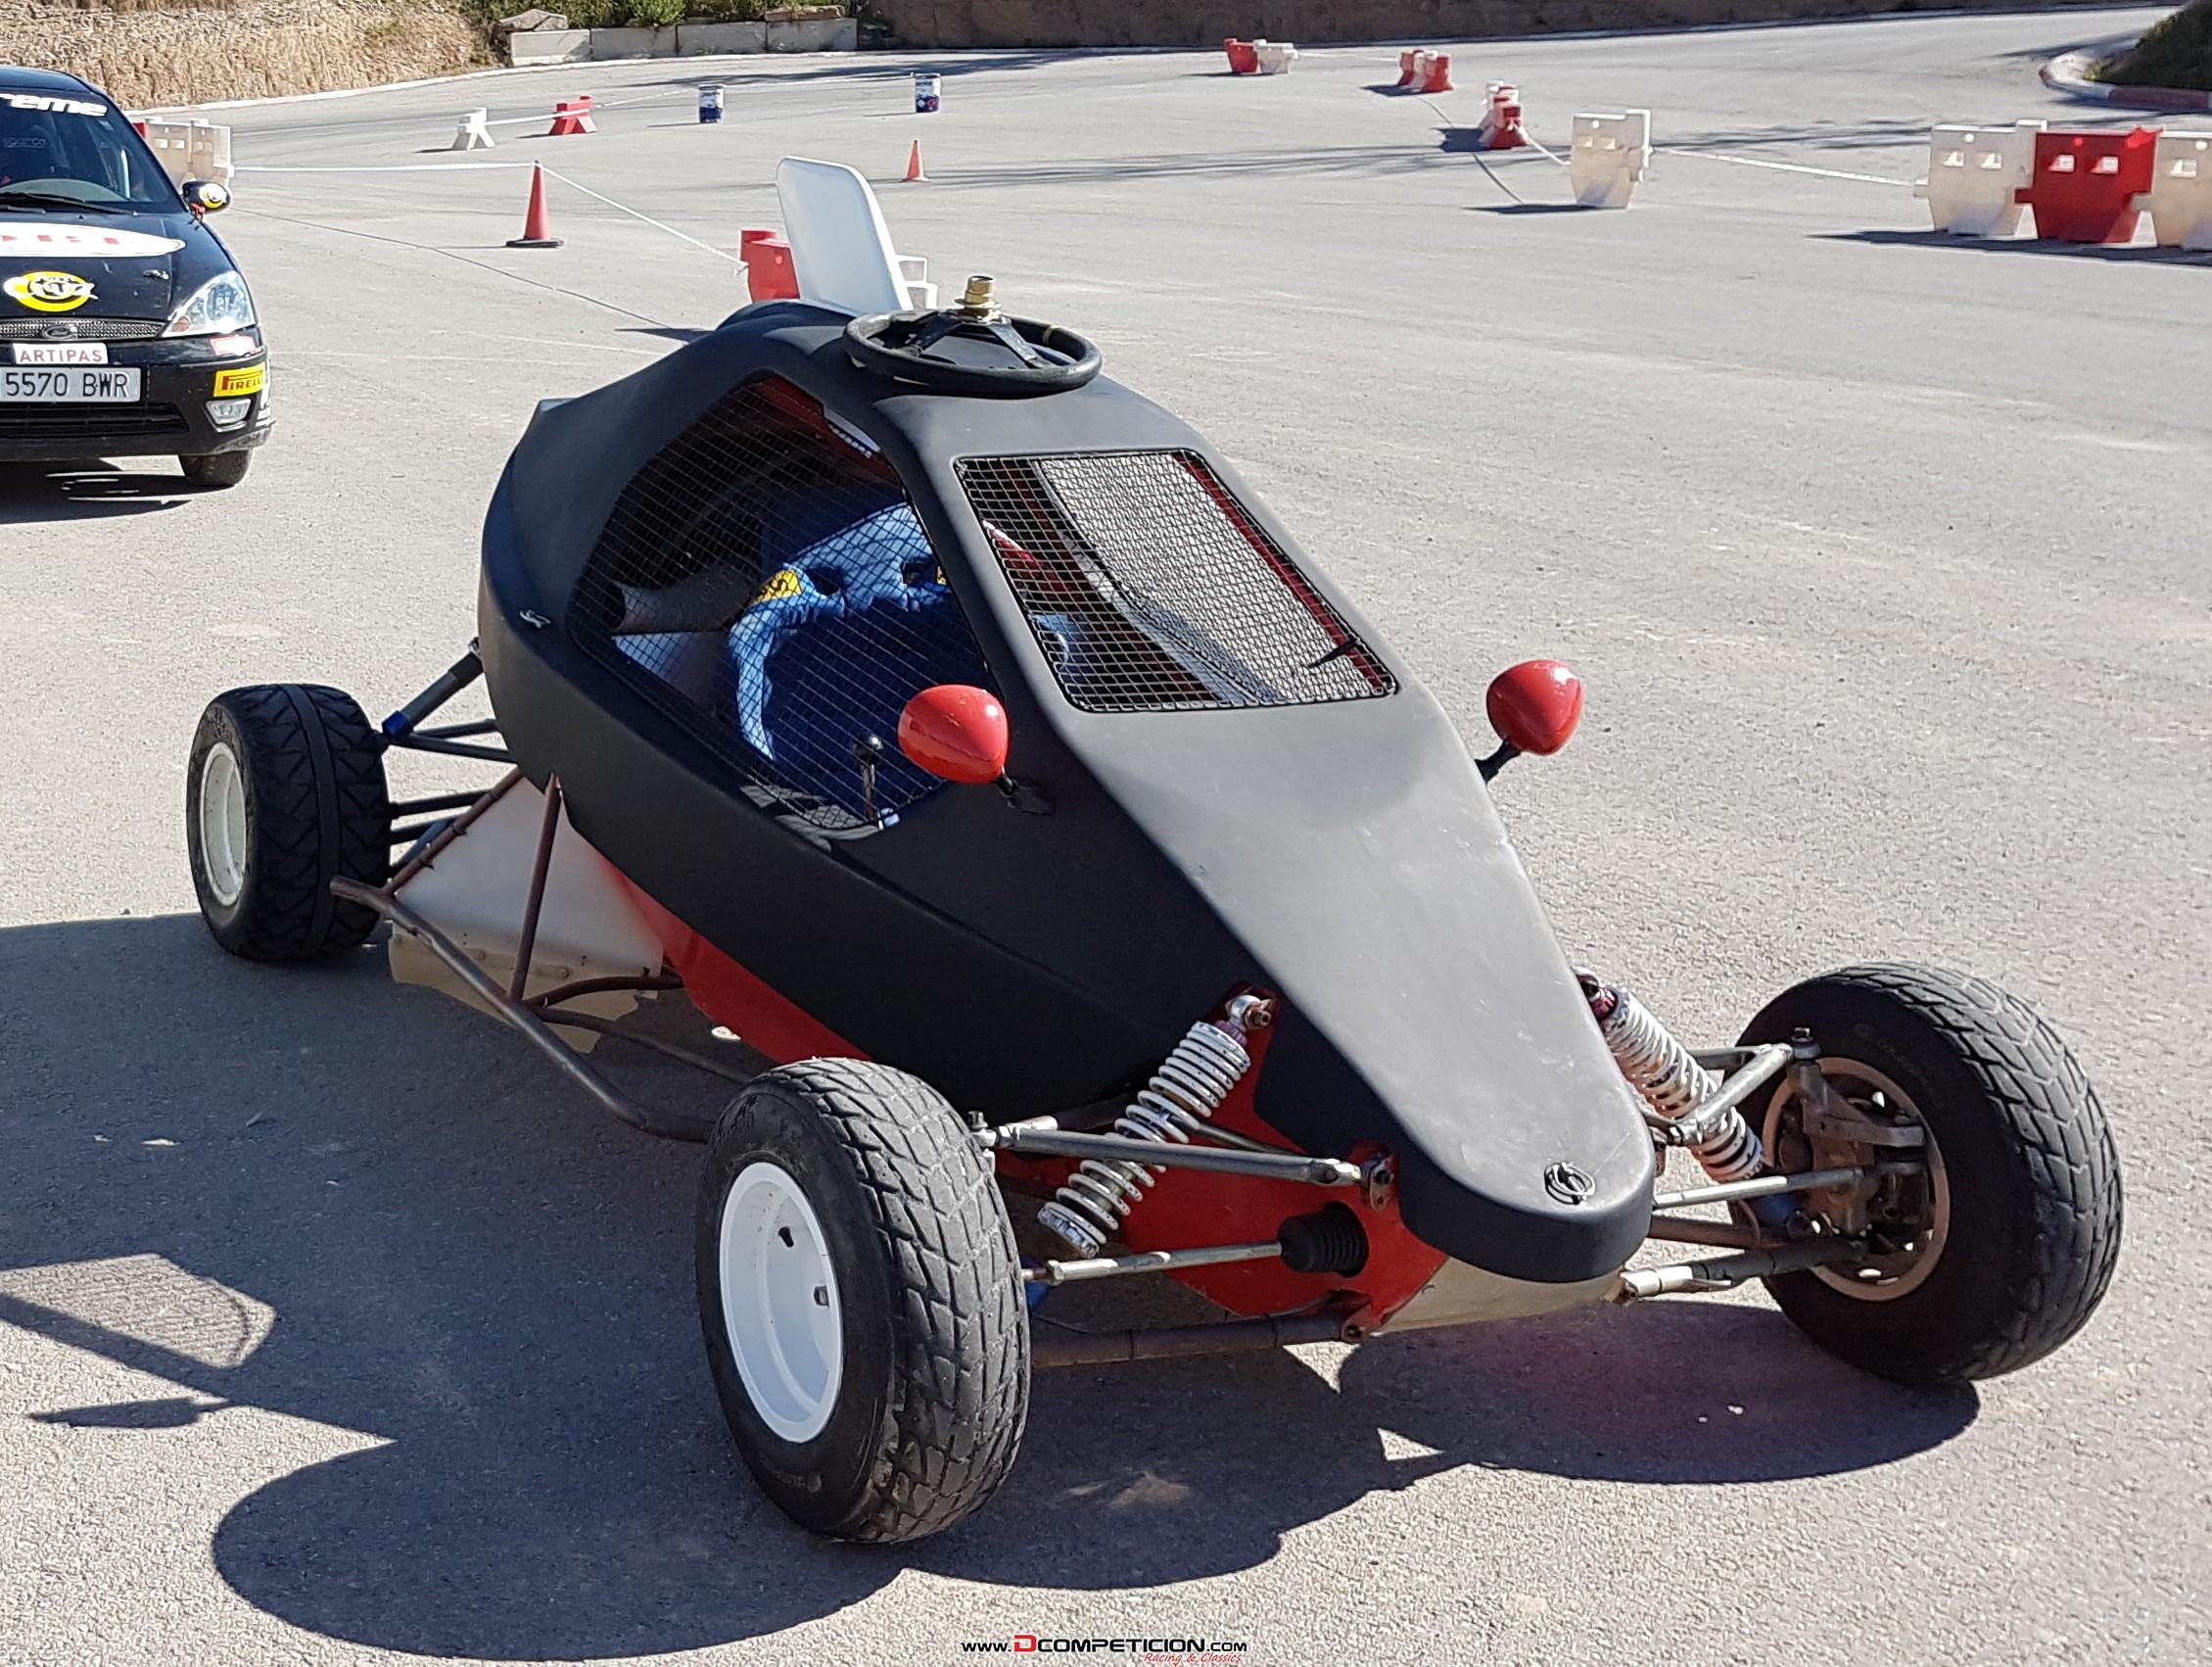 Foto1 Kartcross Speedcar motor Honda Cbr 600 rr 2007